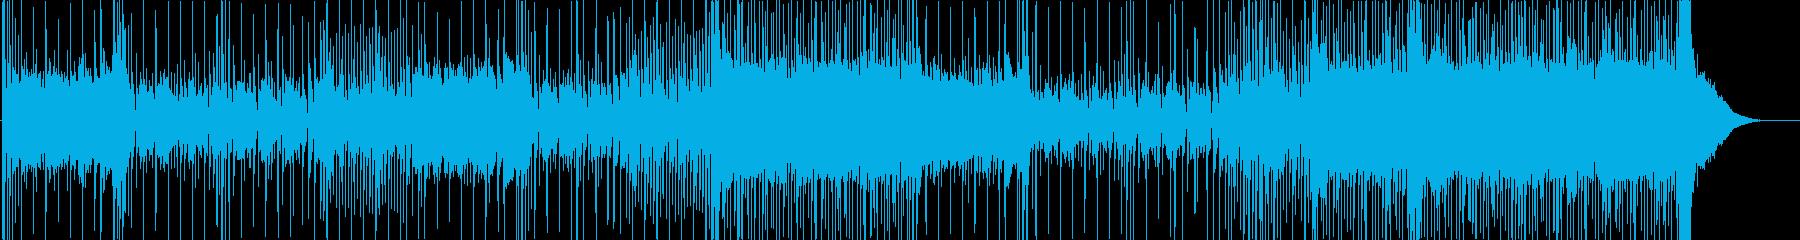 ラテンの再生済みの波形